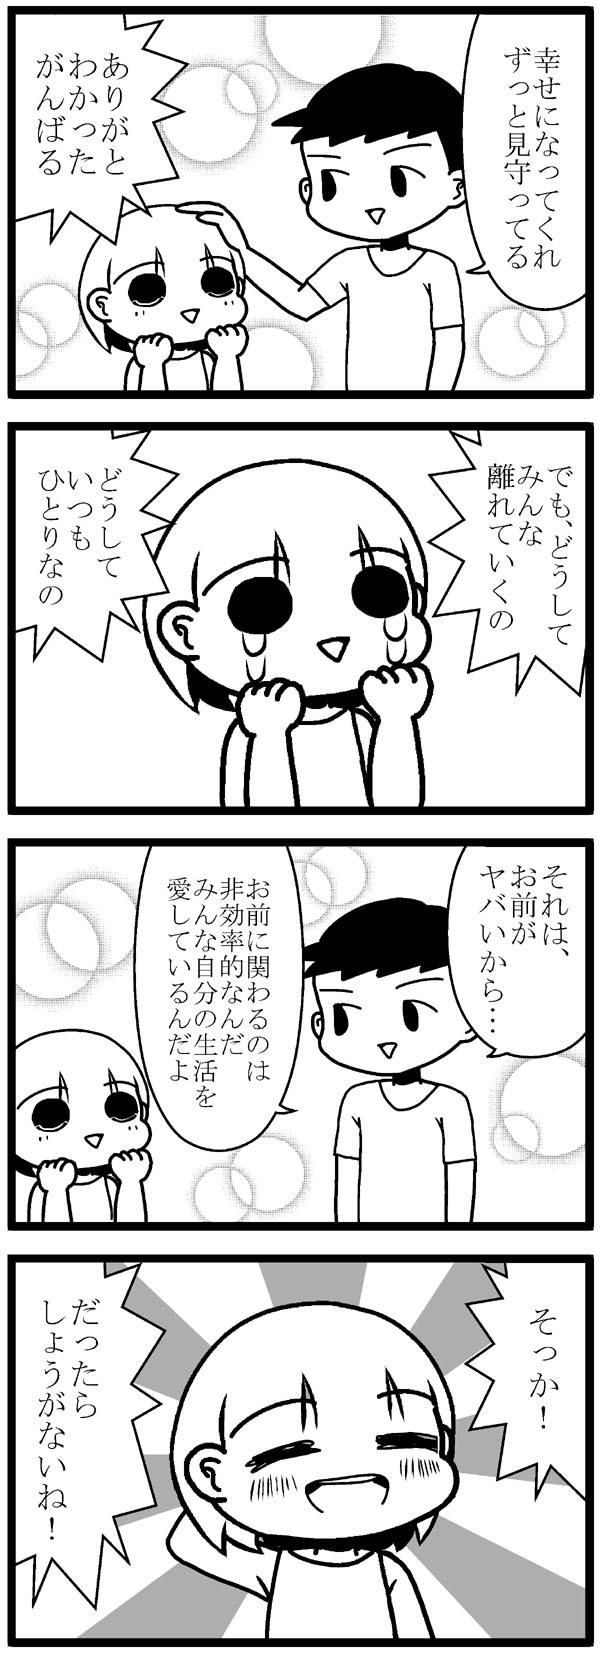 639eaf22.jpg